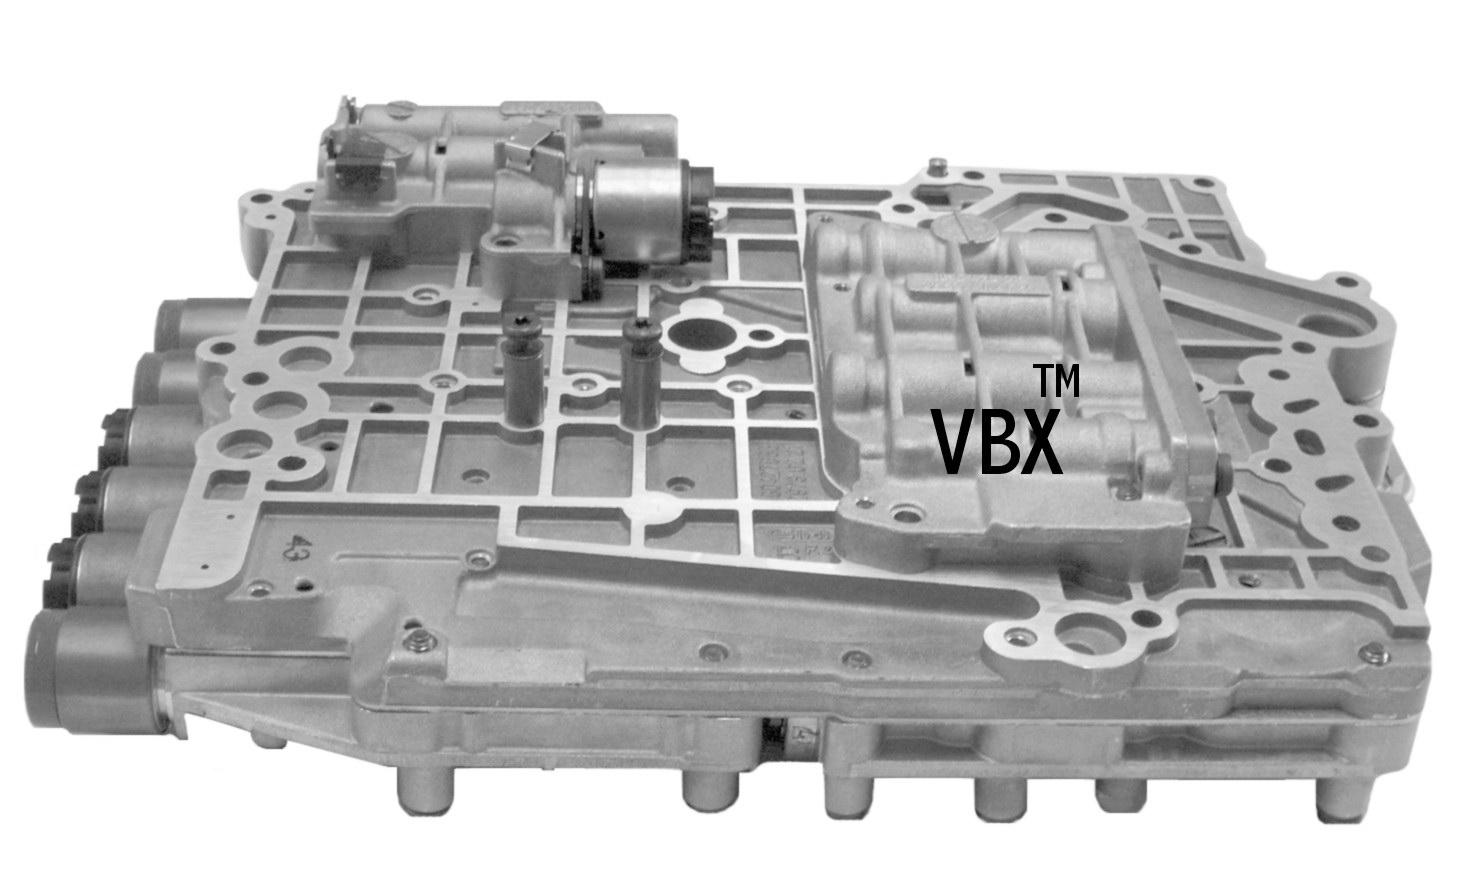 01V-ПЛИТА КЛАПАНОВ - VBX (НА ОБМЕН) VW/Audi With Bolt on Speed Sensor